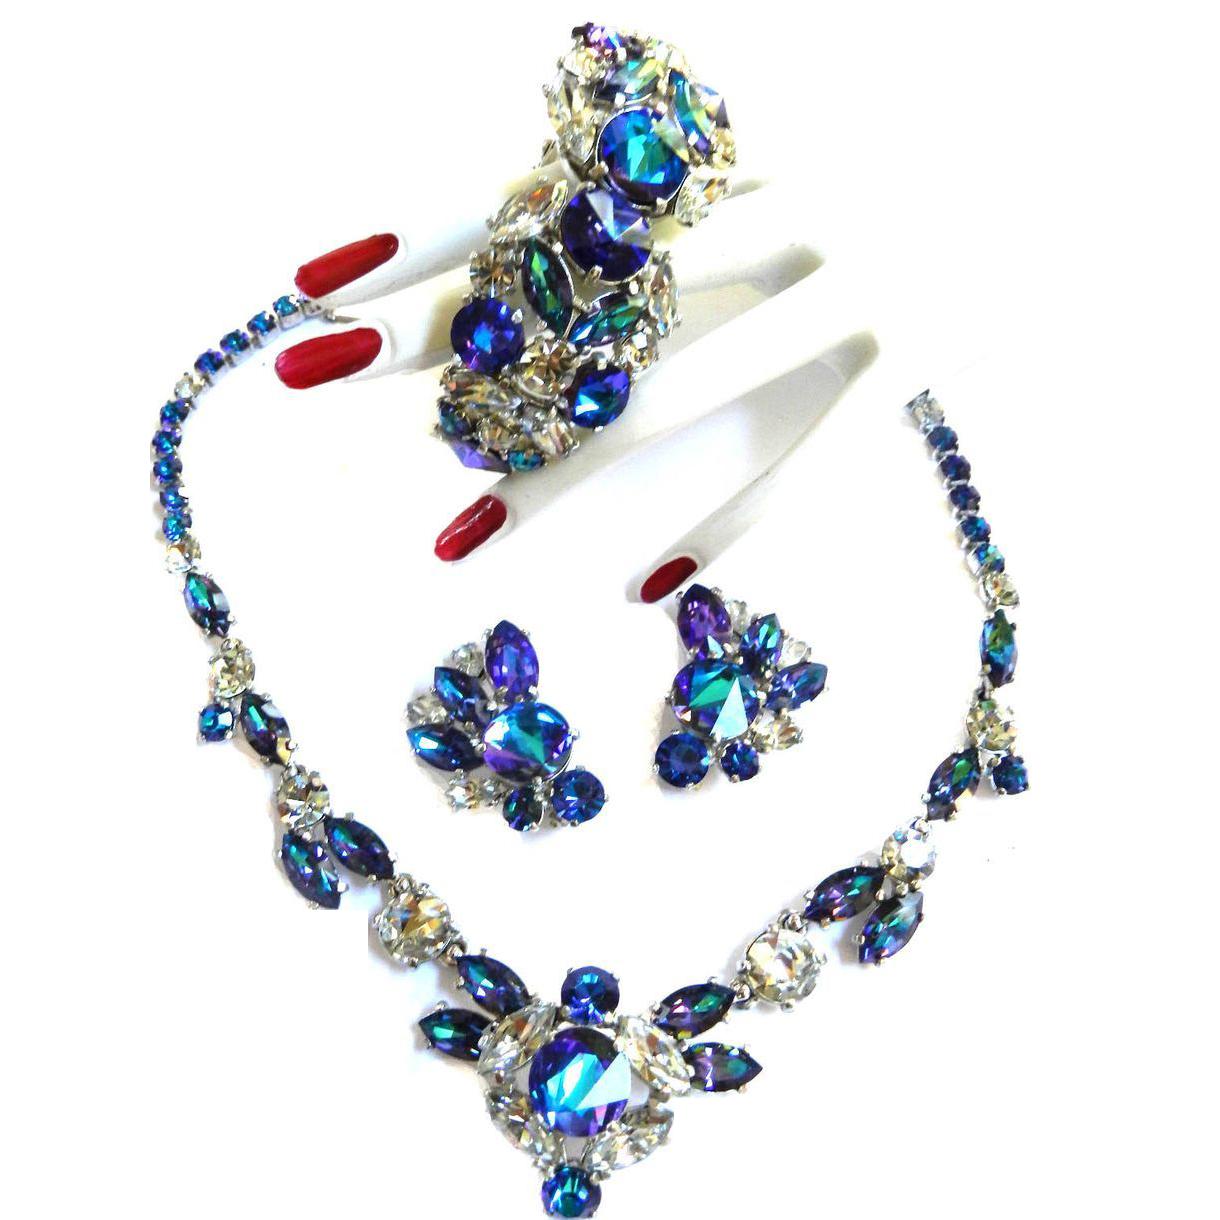 Breathtaking Schiaparelli Watermelon Necklace Bracelet Earrings